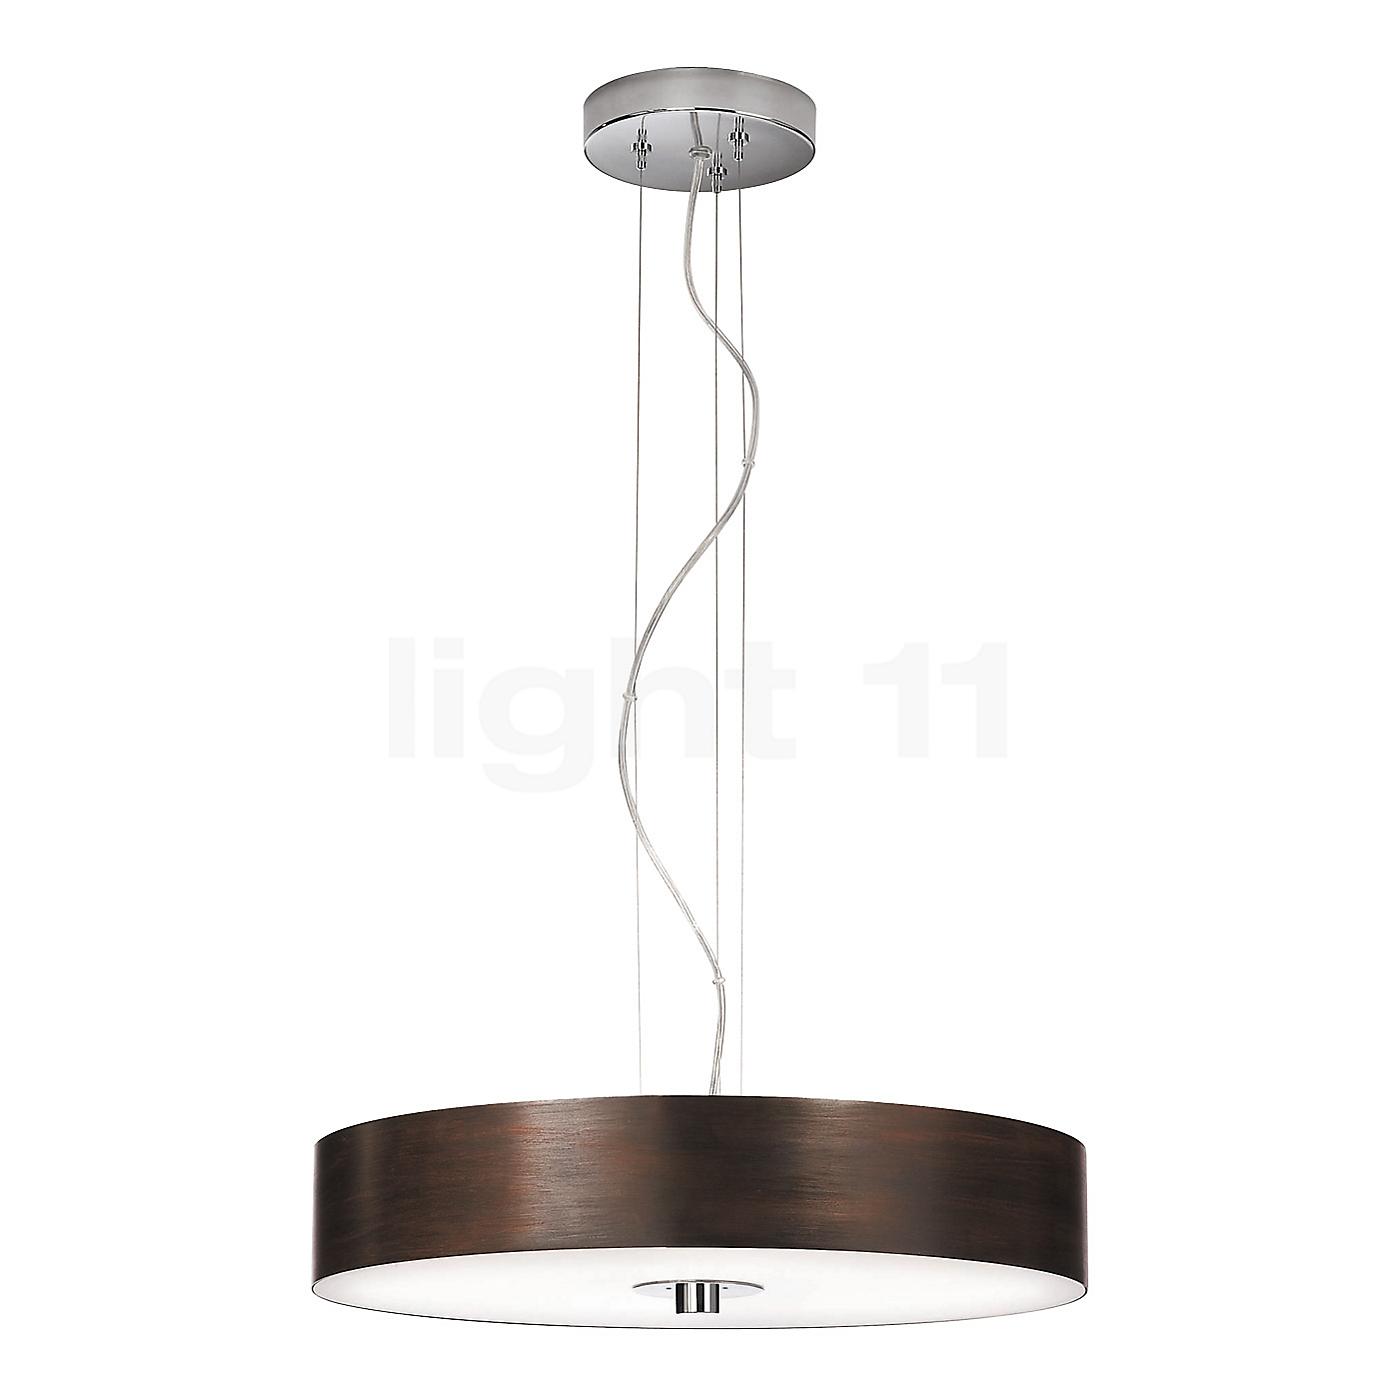 philips ecomoods fair hanglamp hanglamp kopen op light11nl